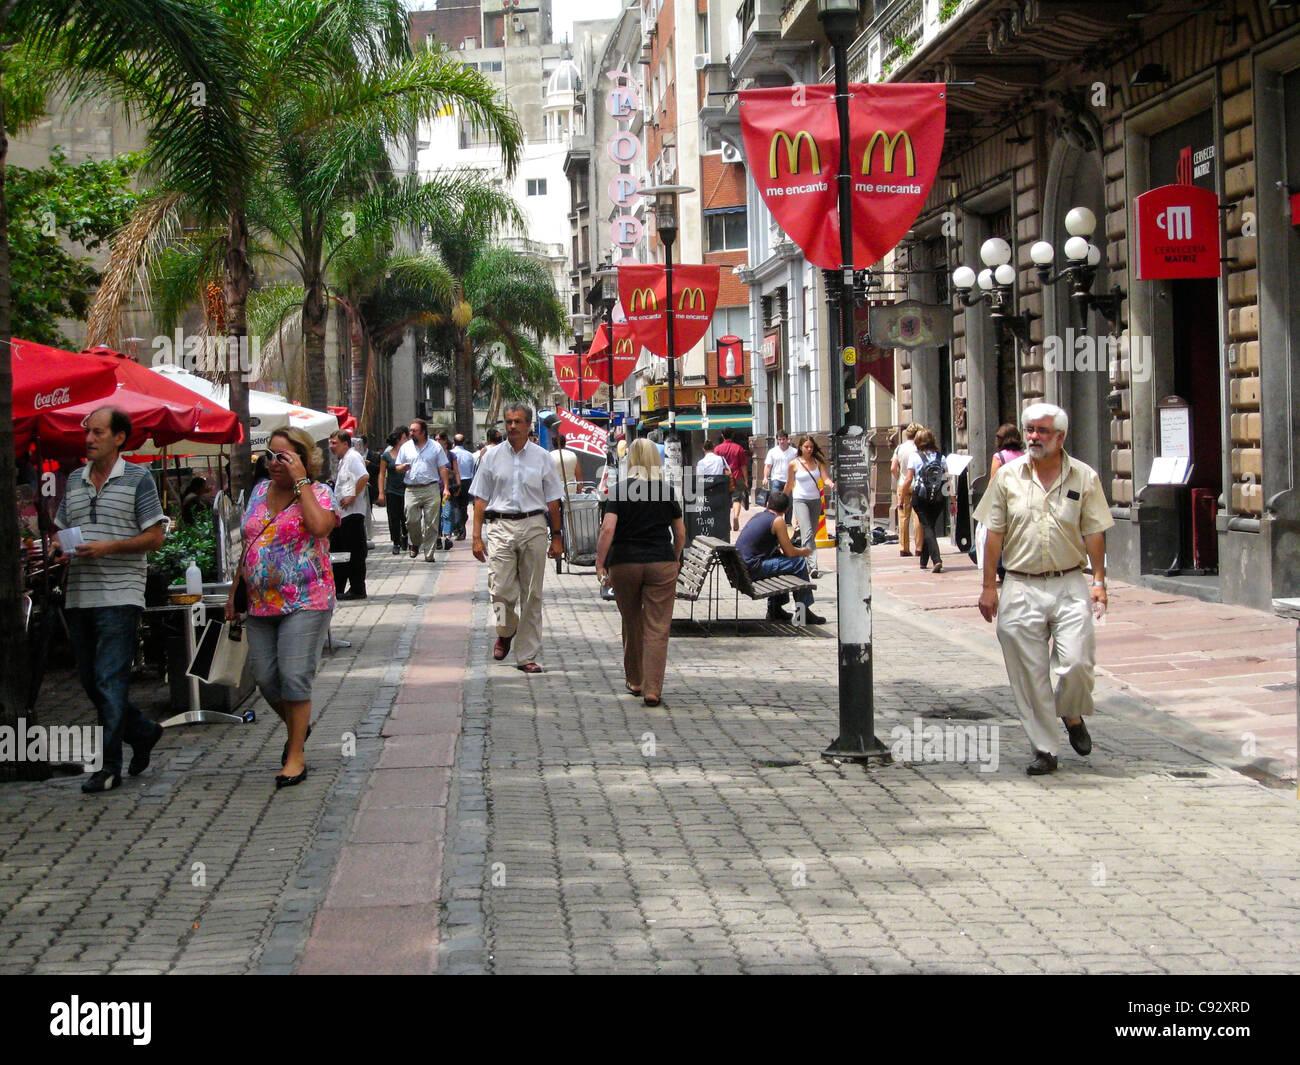 Montevideo, Montevideo, Uruguay. Rue de Marche avec des stands et des restaurants, la brique de la chaussée. Photo Stock